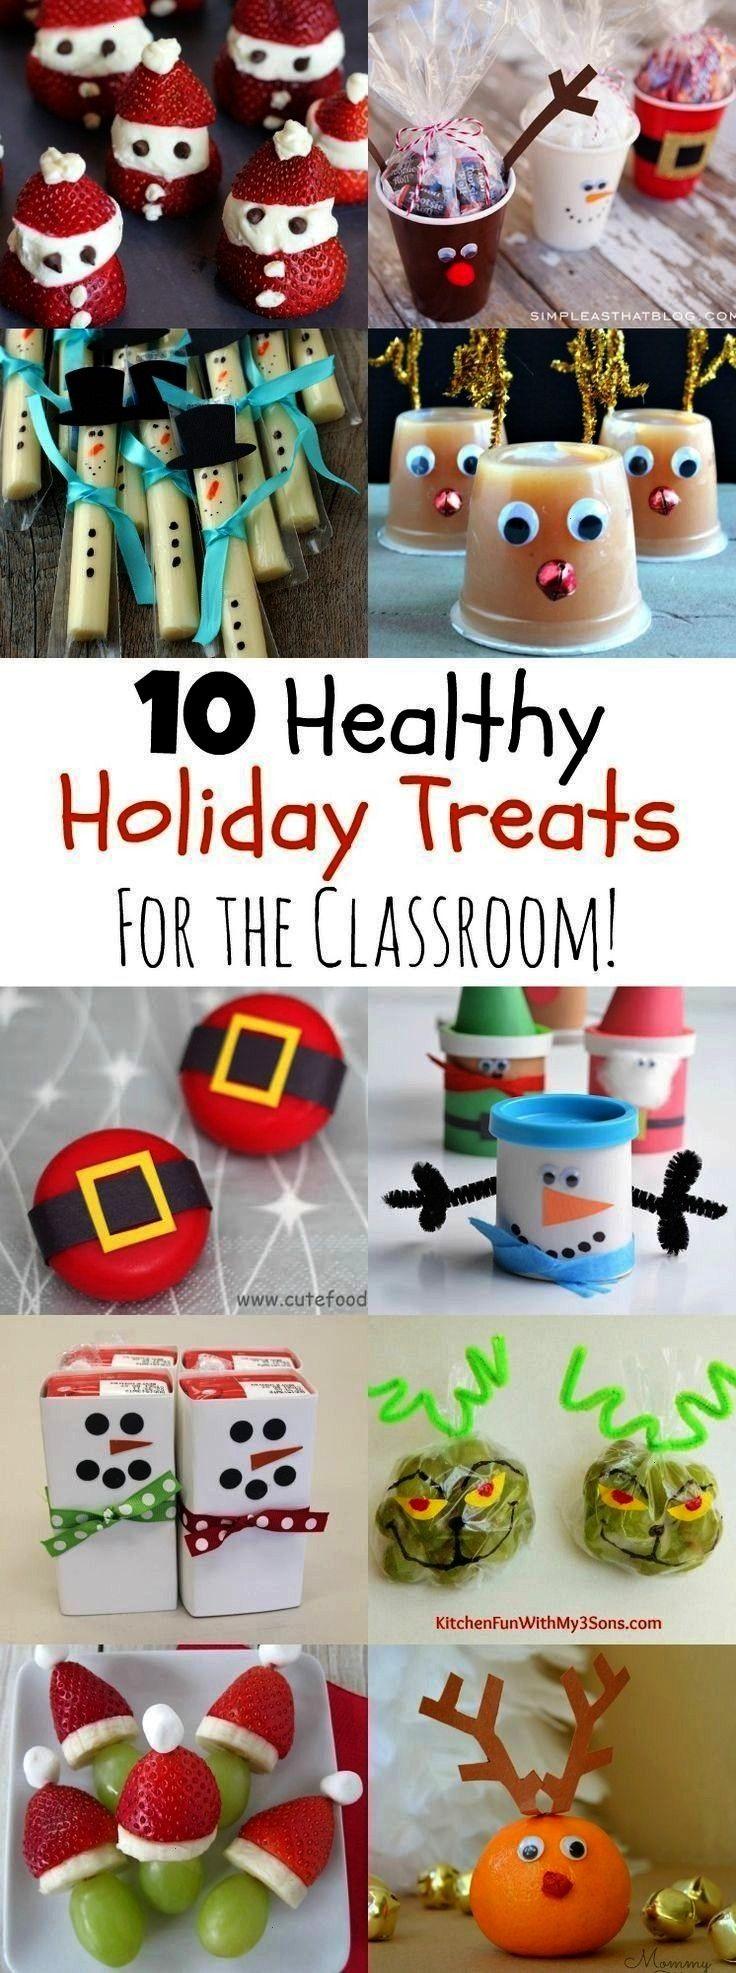 vacaciones saludables para el aula - MOMables 10 dulces vacaciones saludables para el aula - MOMabl